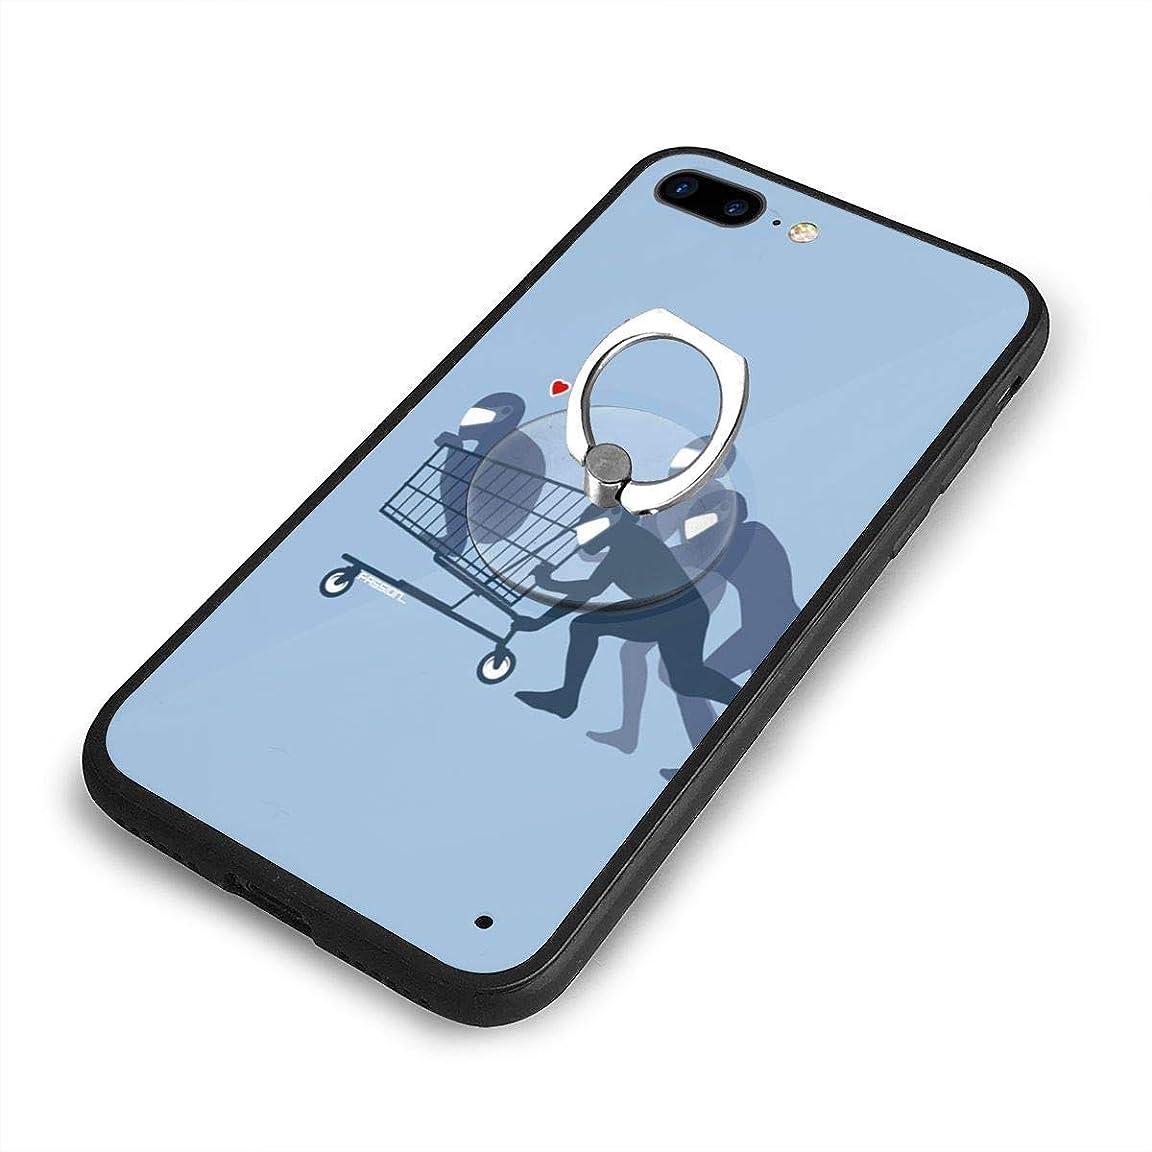 複合小競り合い苛性ユーモアiPhone 7/8 Plusケースリングブラケット 携帯カバー 創意デザイン軽量 傷つけ防止 360°回転ブラケット 携帯ケース PC 衝撃防止 全面保護